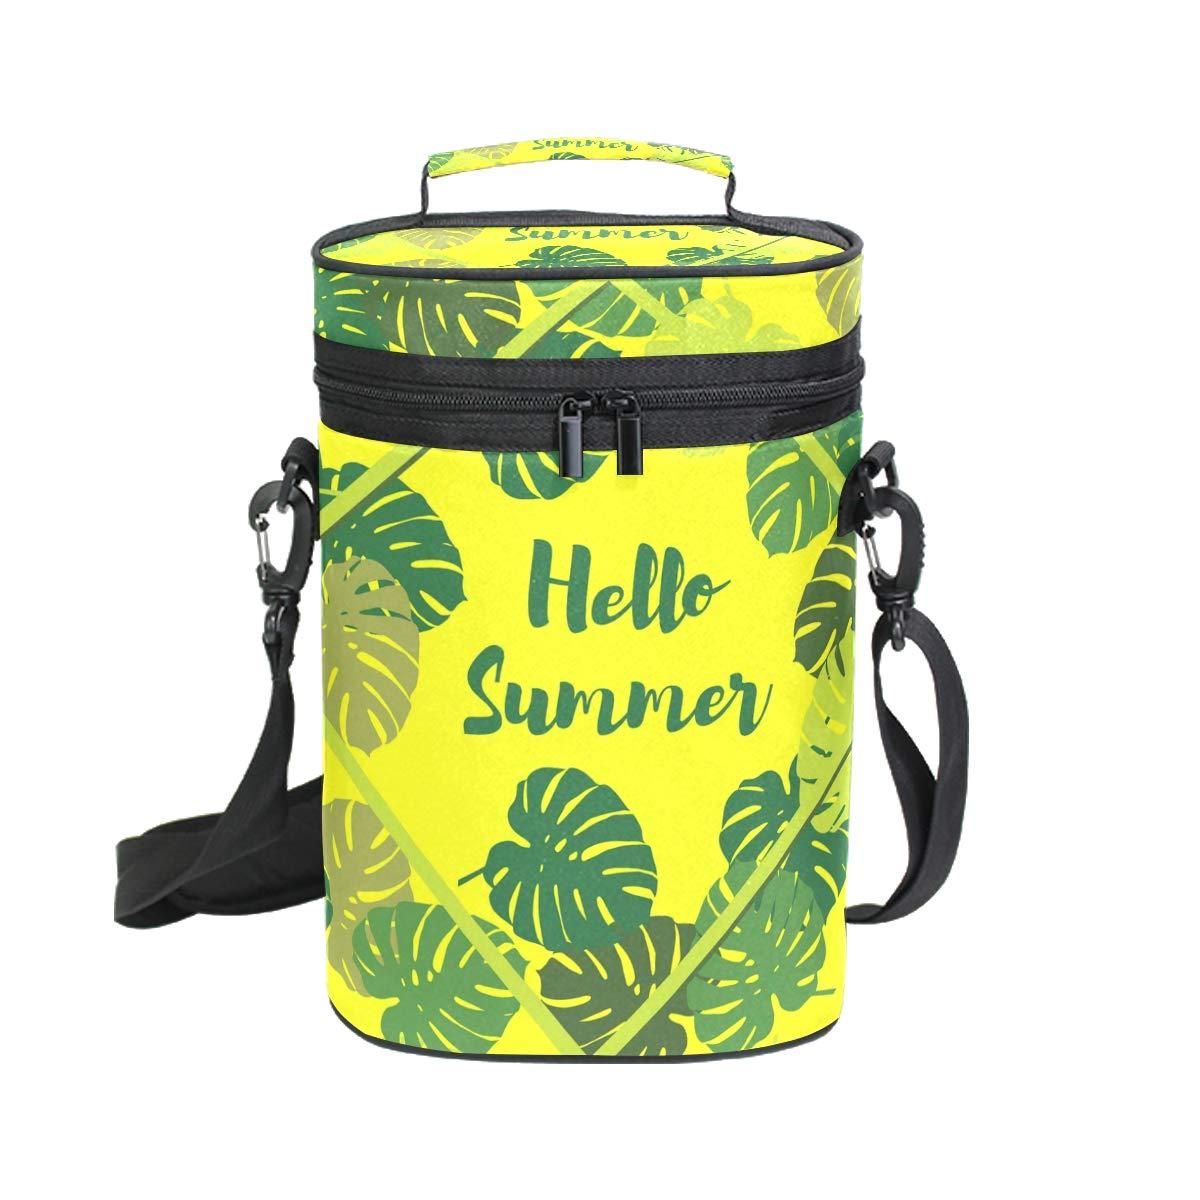 COOSUN Bolsa de vino con aislamiento y diseño tropical, 2 botellas, bolsa de viaje con asa y correa ajustable para el hombro